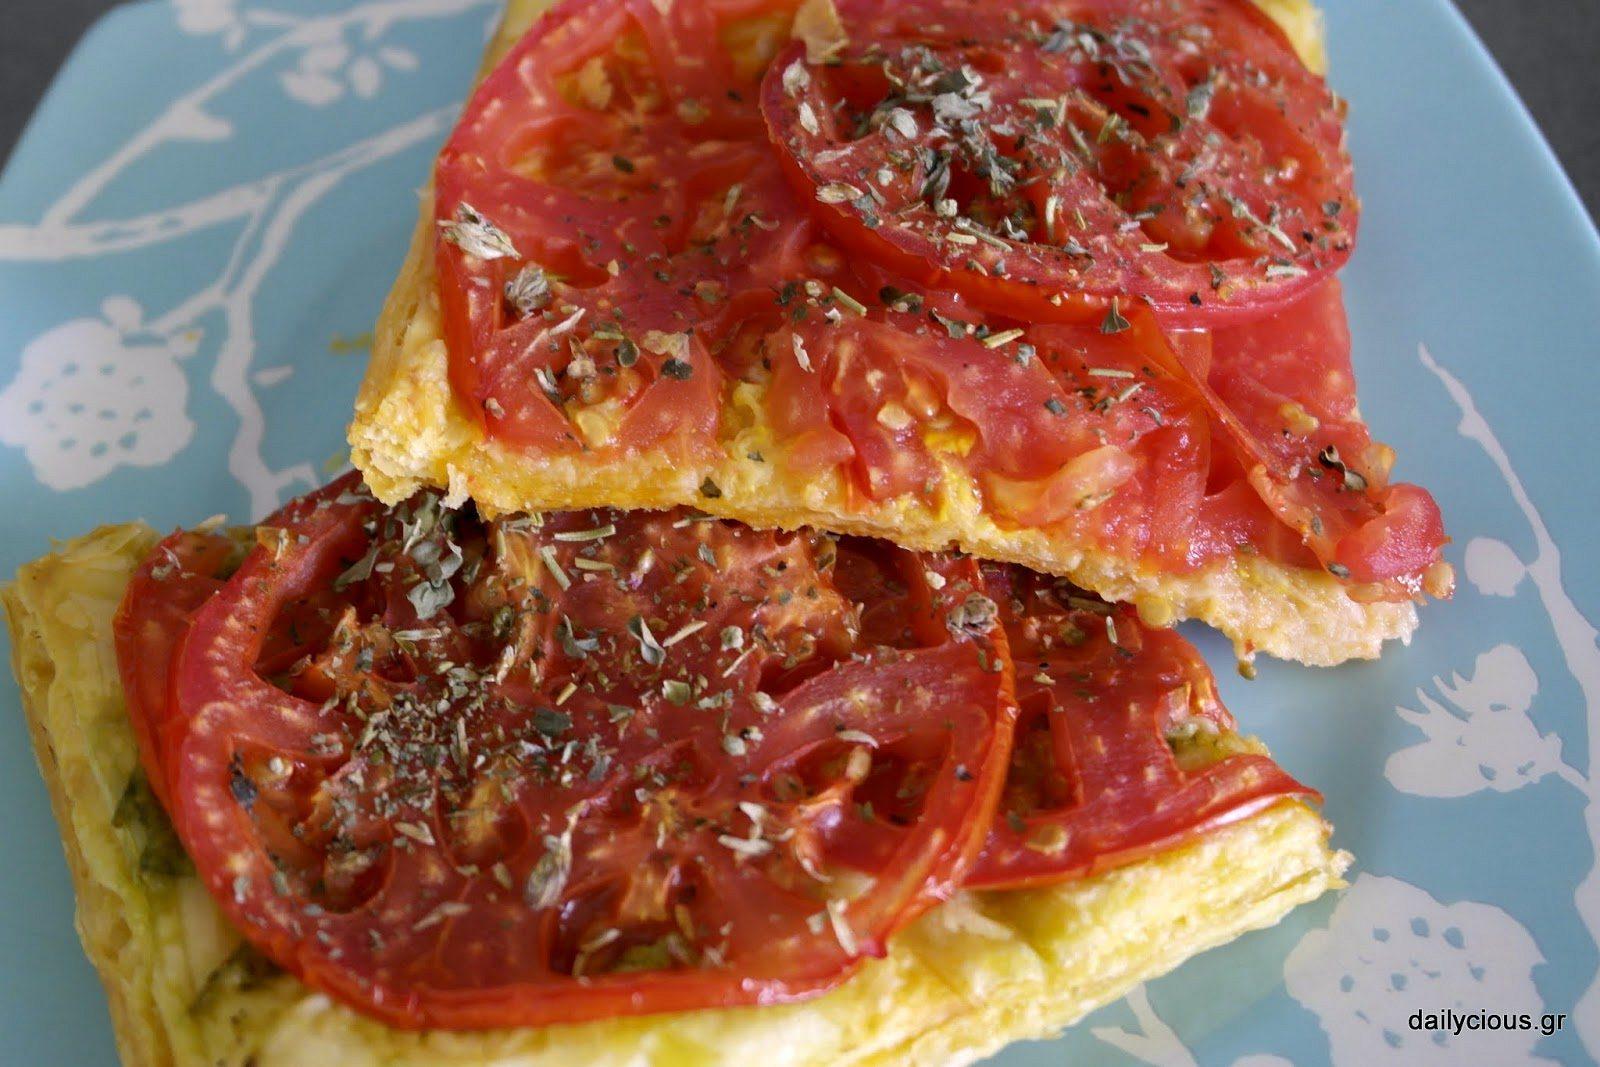 Γρήγορη Τάρτα Ντομάτας με Μυρωδικά